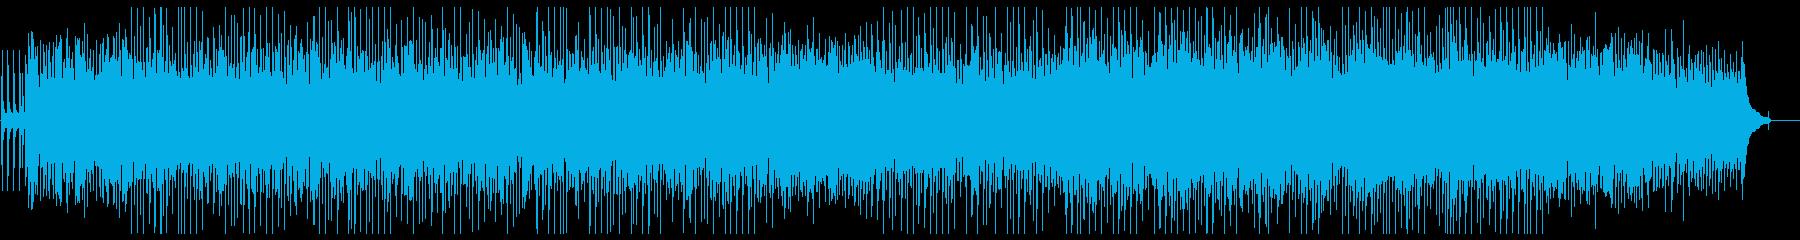 楽しい沖縄風楽曲の再生済みの波形